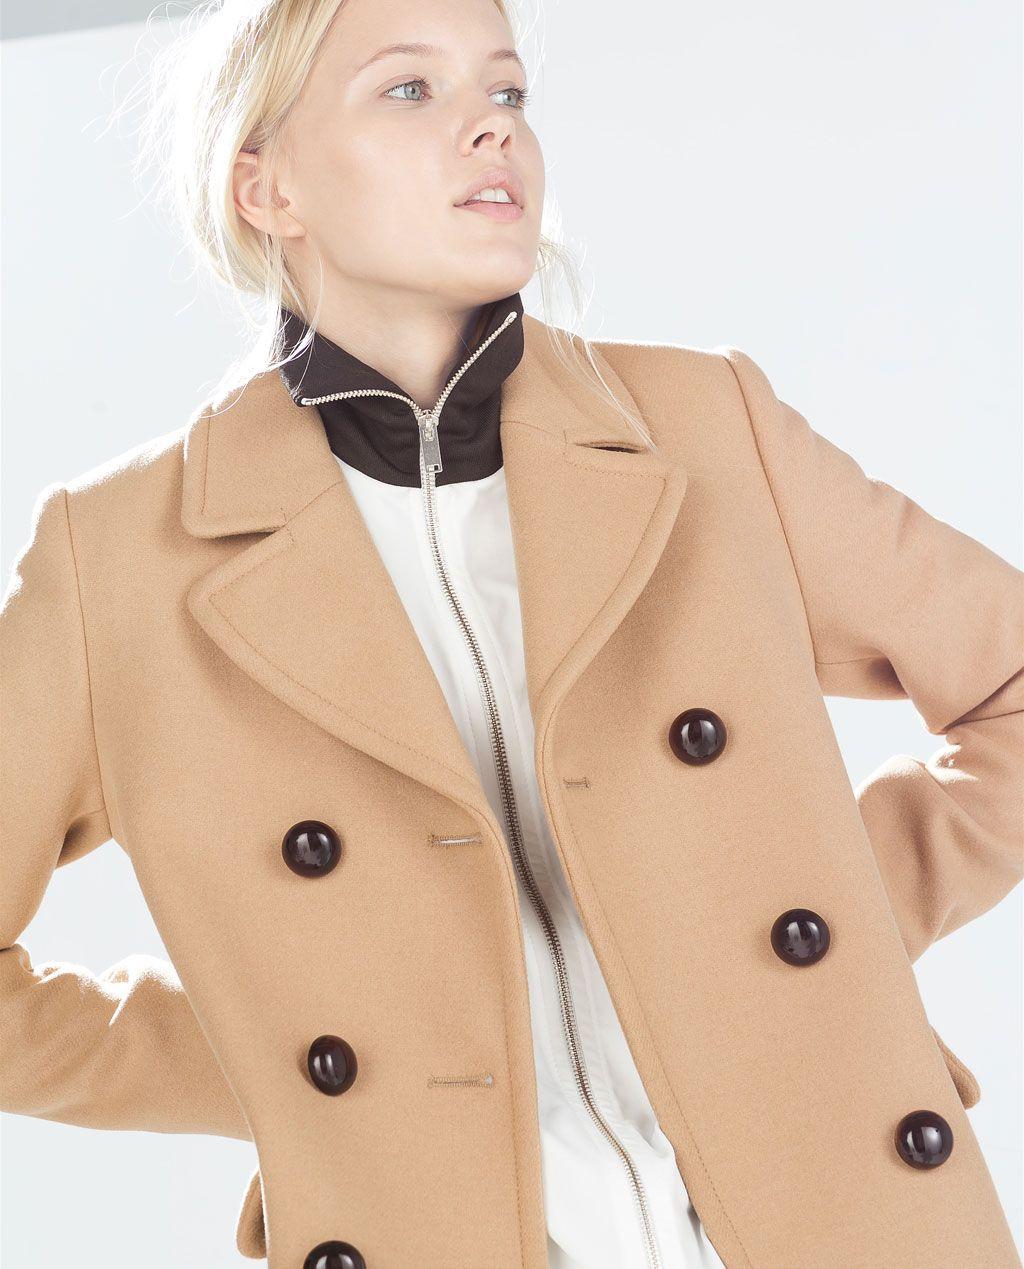 Camel Zara Me Que Gustan Coat Botones Looks Mujer Abrigo 8qA8pf